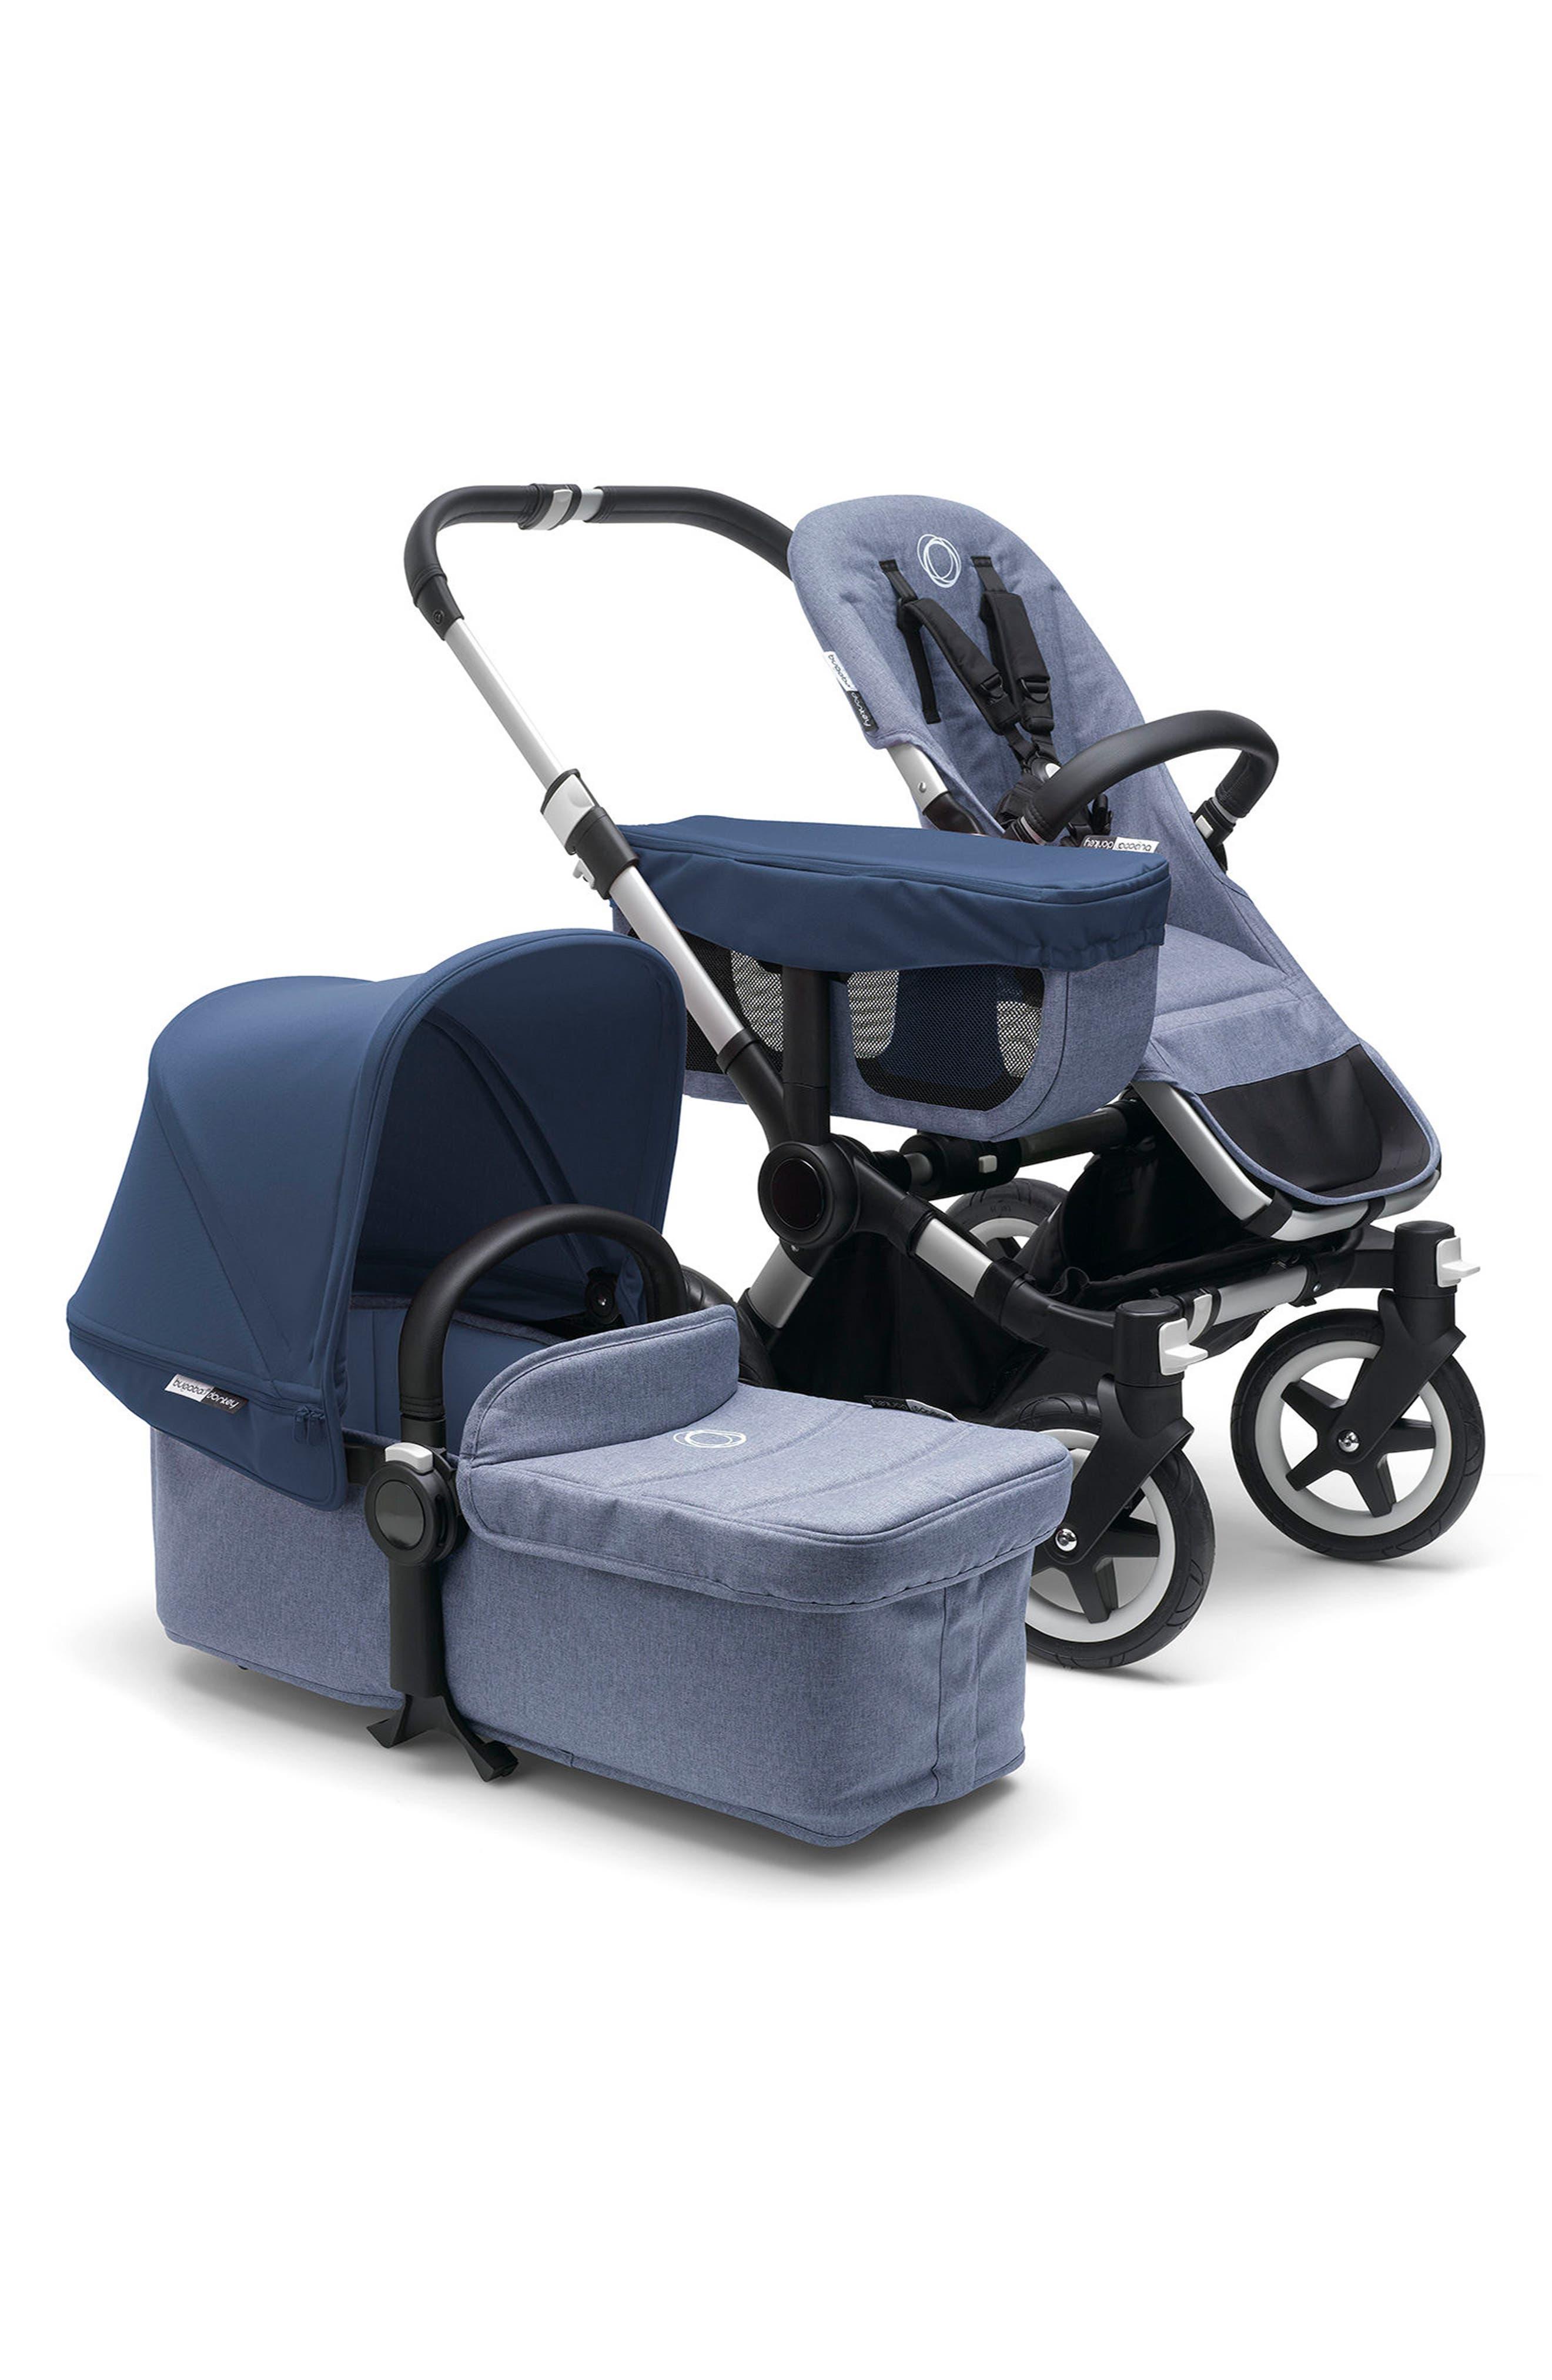 Donkey2 Mono Complete Stroller with Bassinet,                         Main,                         color, Blue Melange